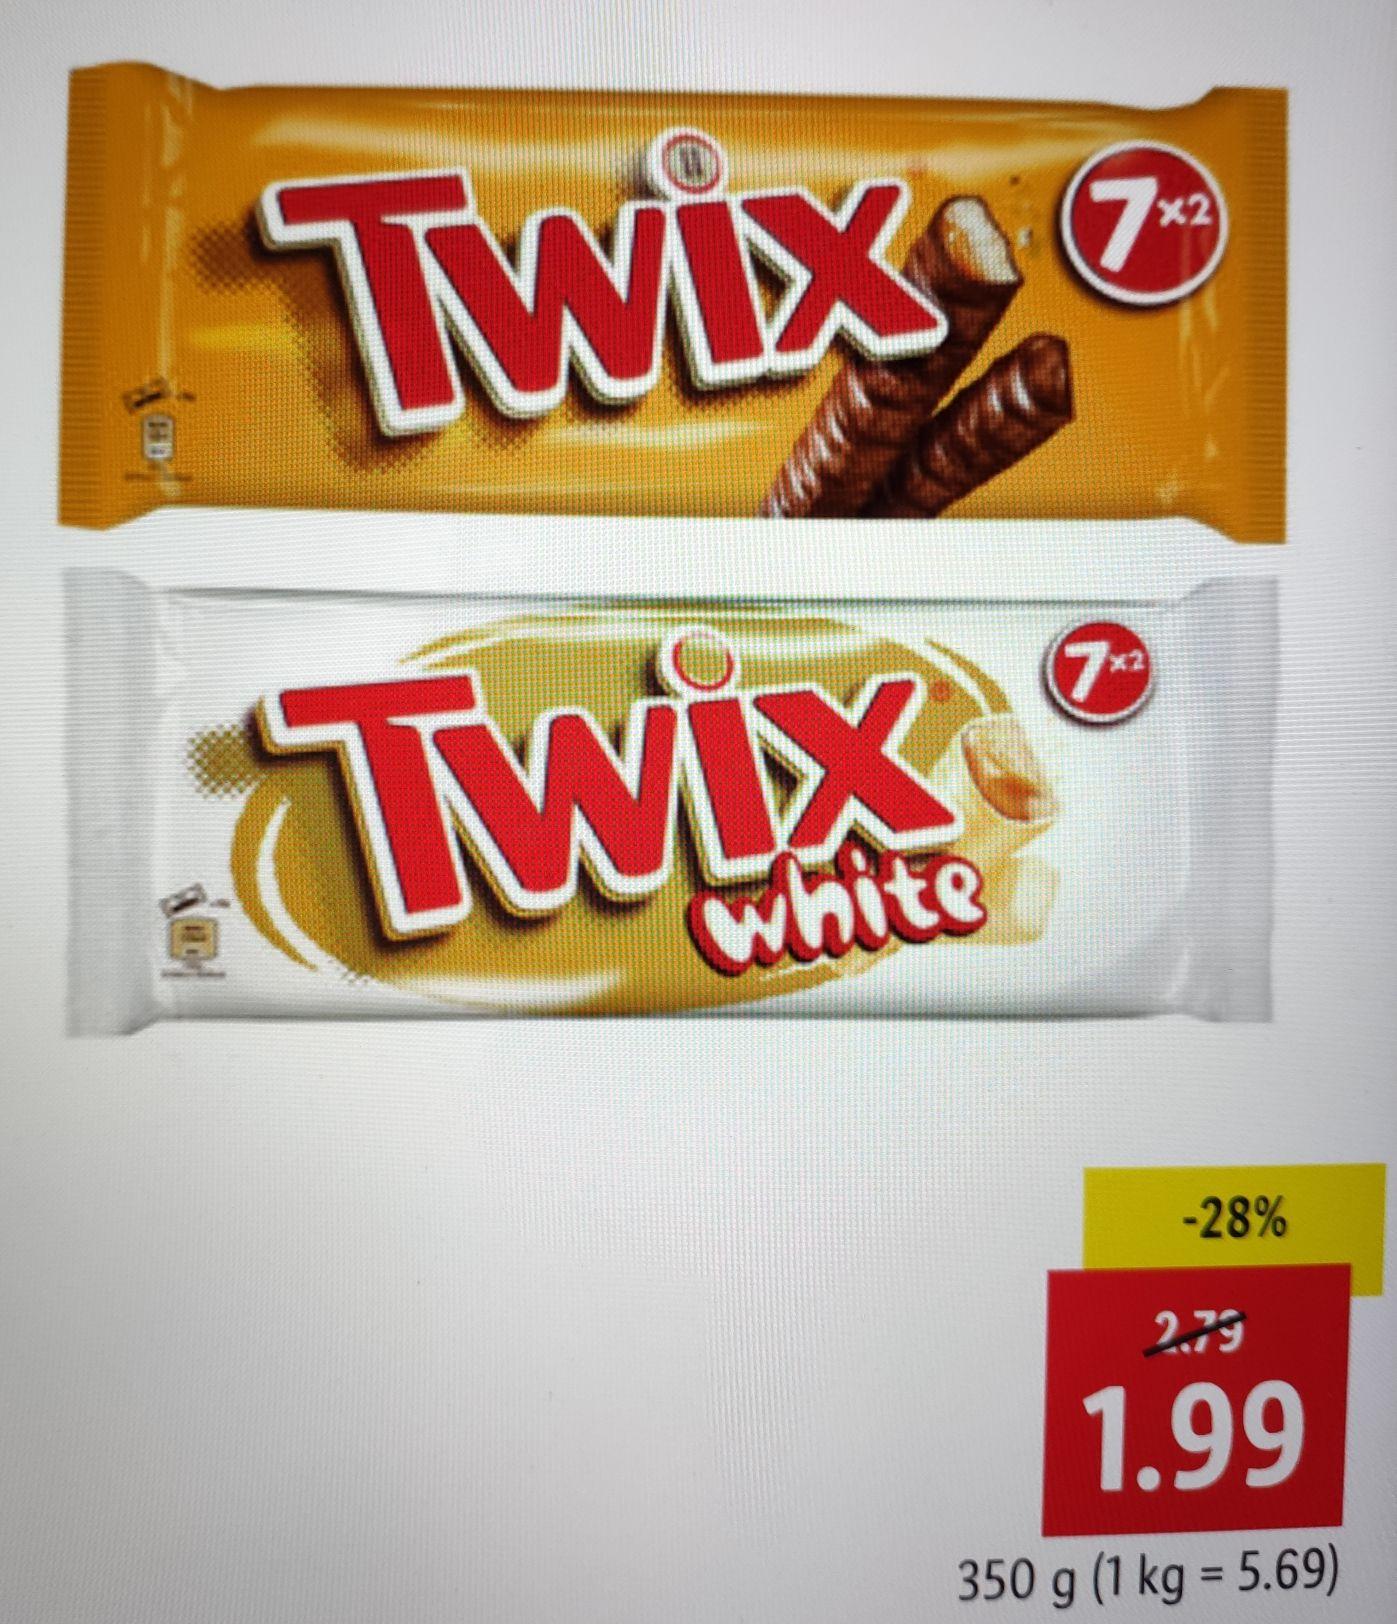 Twix (7x50g) bei LIDL - FETTER PREISJÄGER